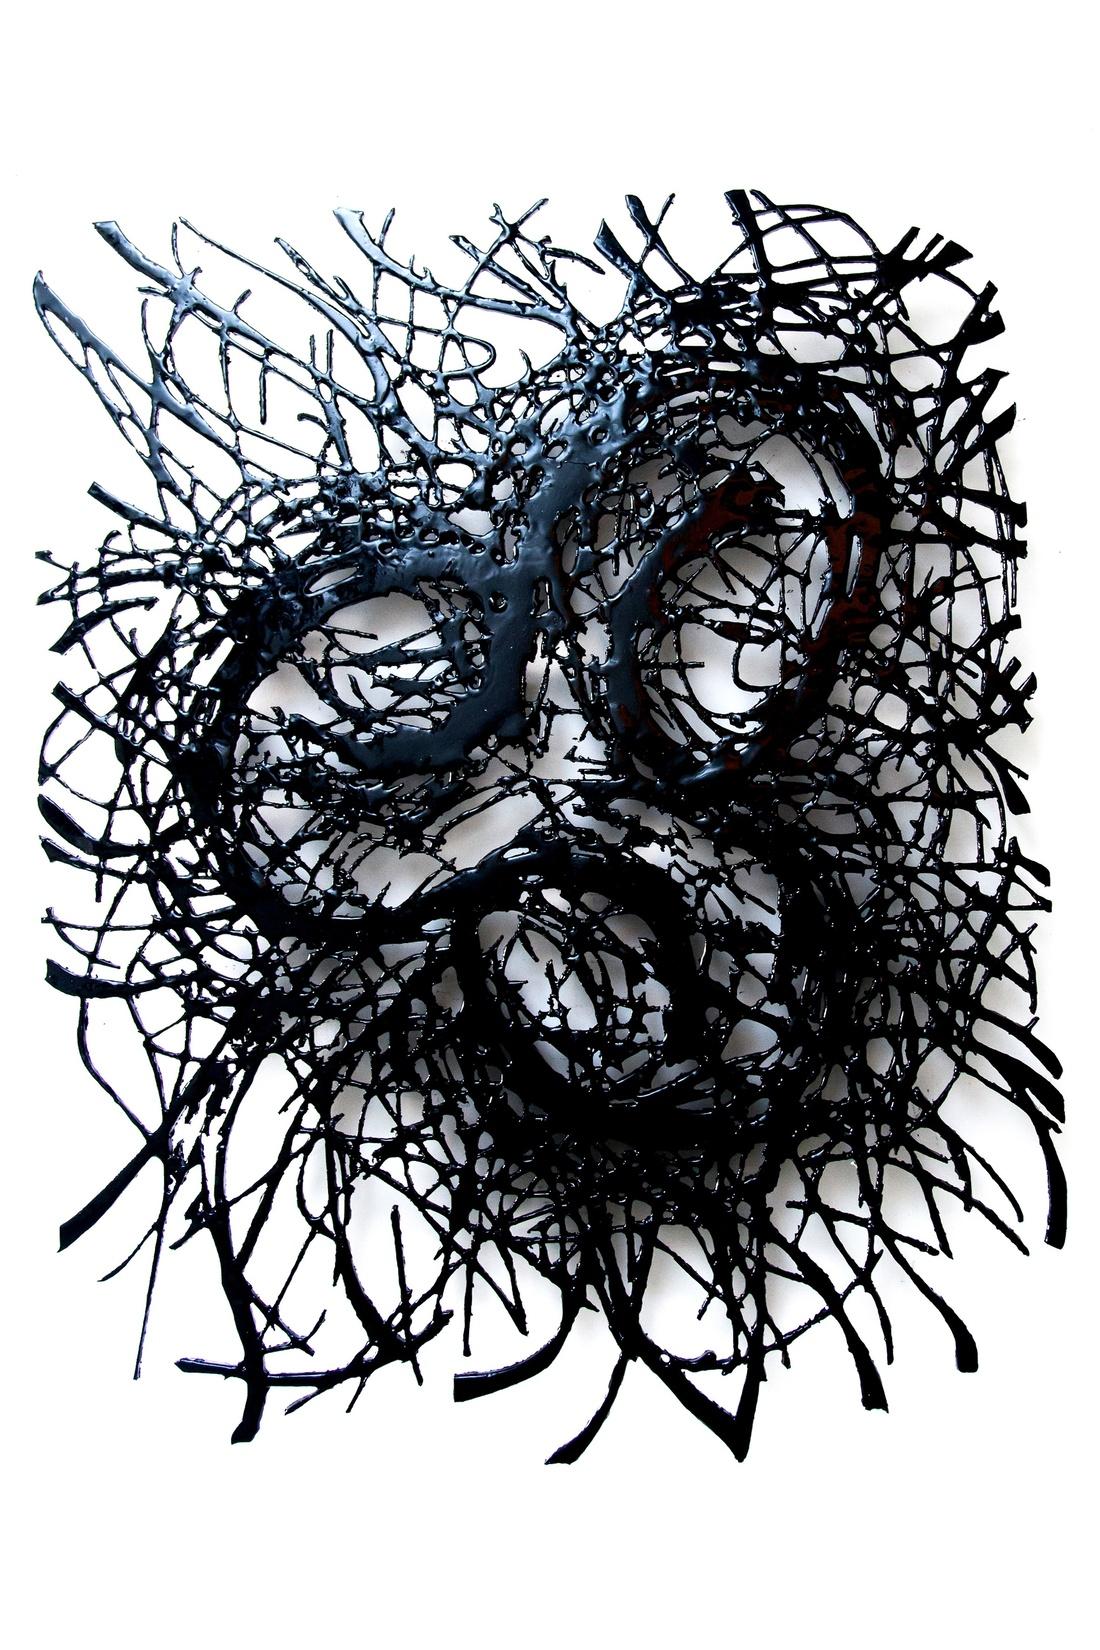 Carlos Vergara, Sem título, 2016; Courtesy of the artist and Mais Um Galeria de Arte.